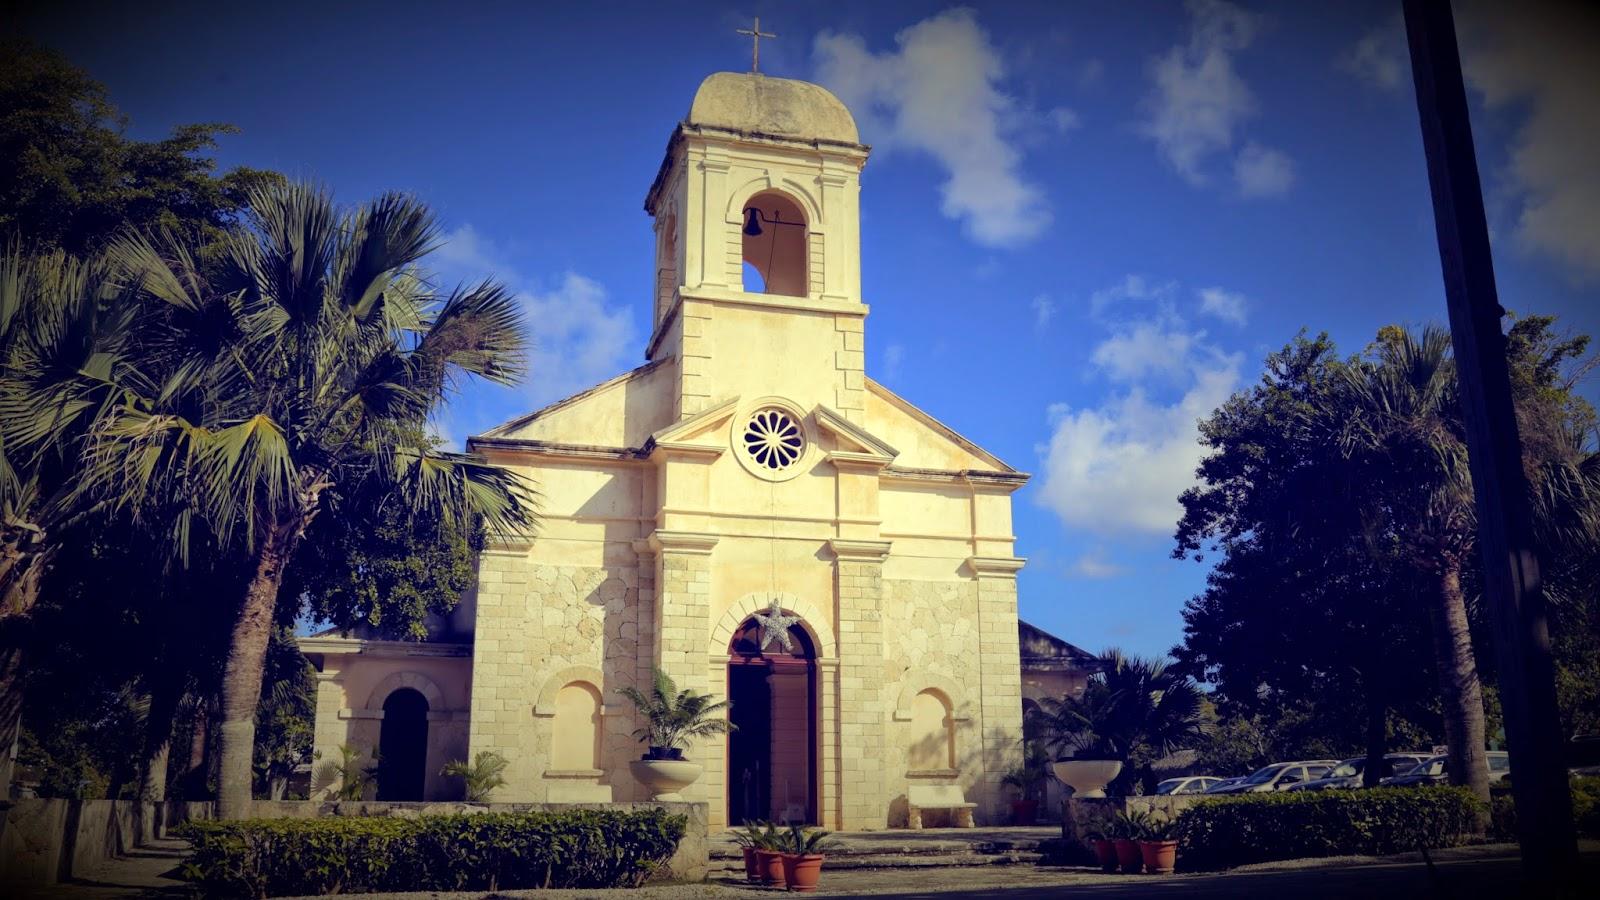 Photos of the church http zorrillabaquero com arquitectos proyectos iglesia_nuestra_sra_punta_cana html